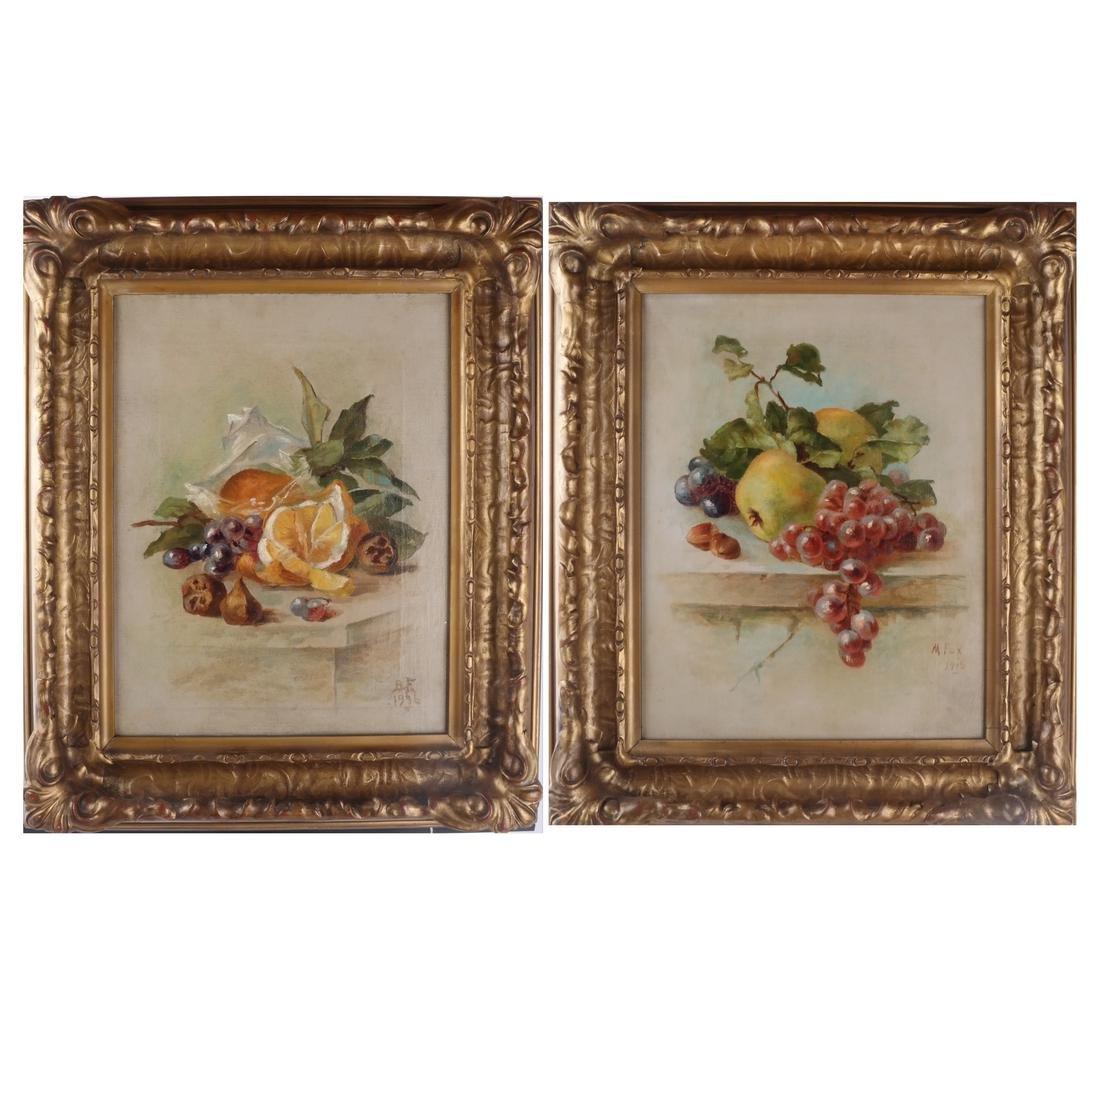 M. Fox & B.F.: Still Lifes w/ Fruit - O/C